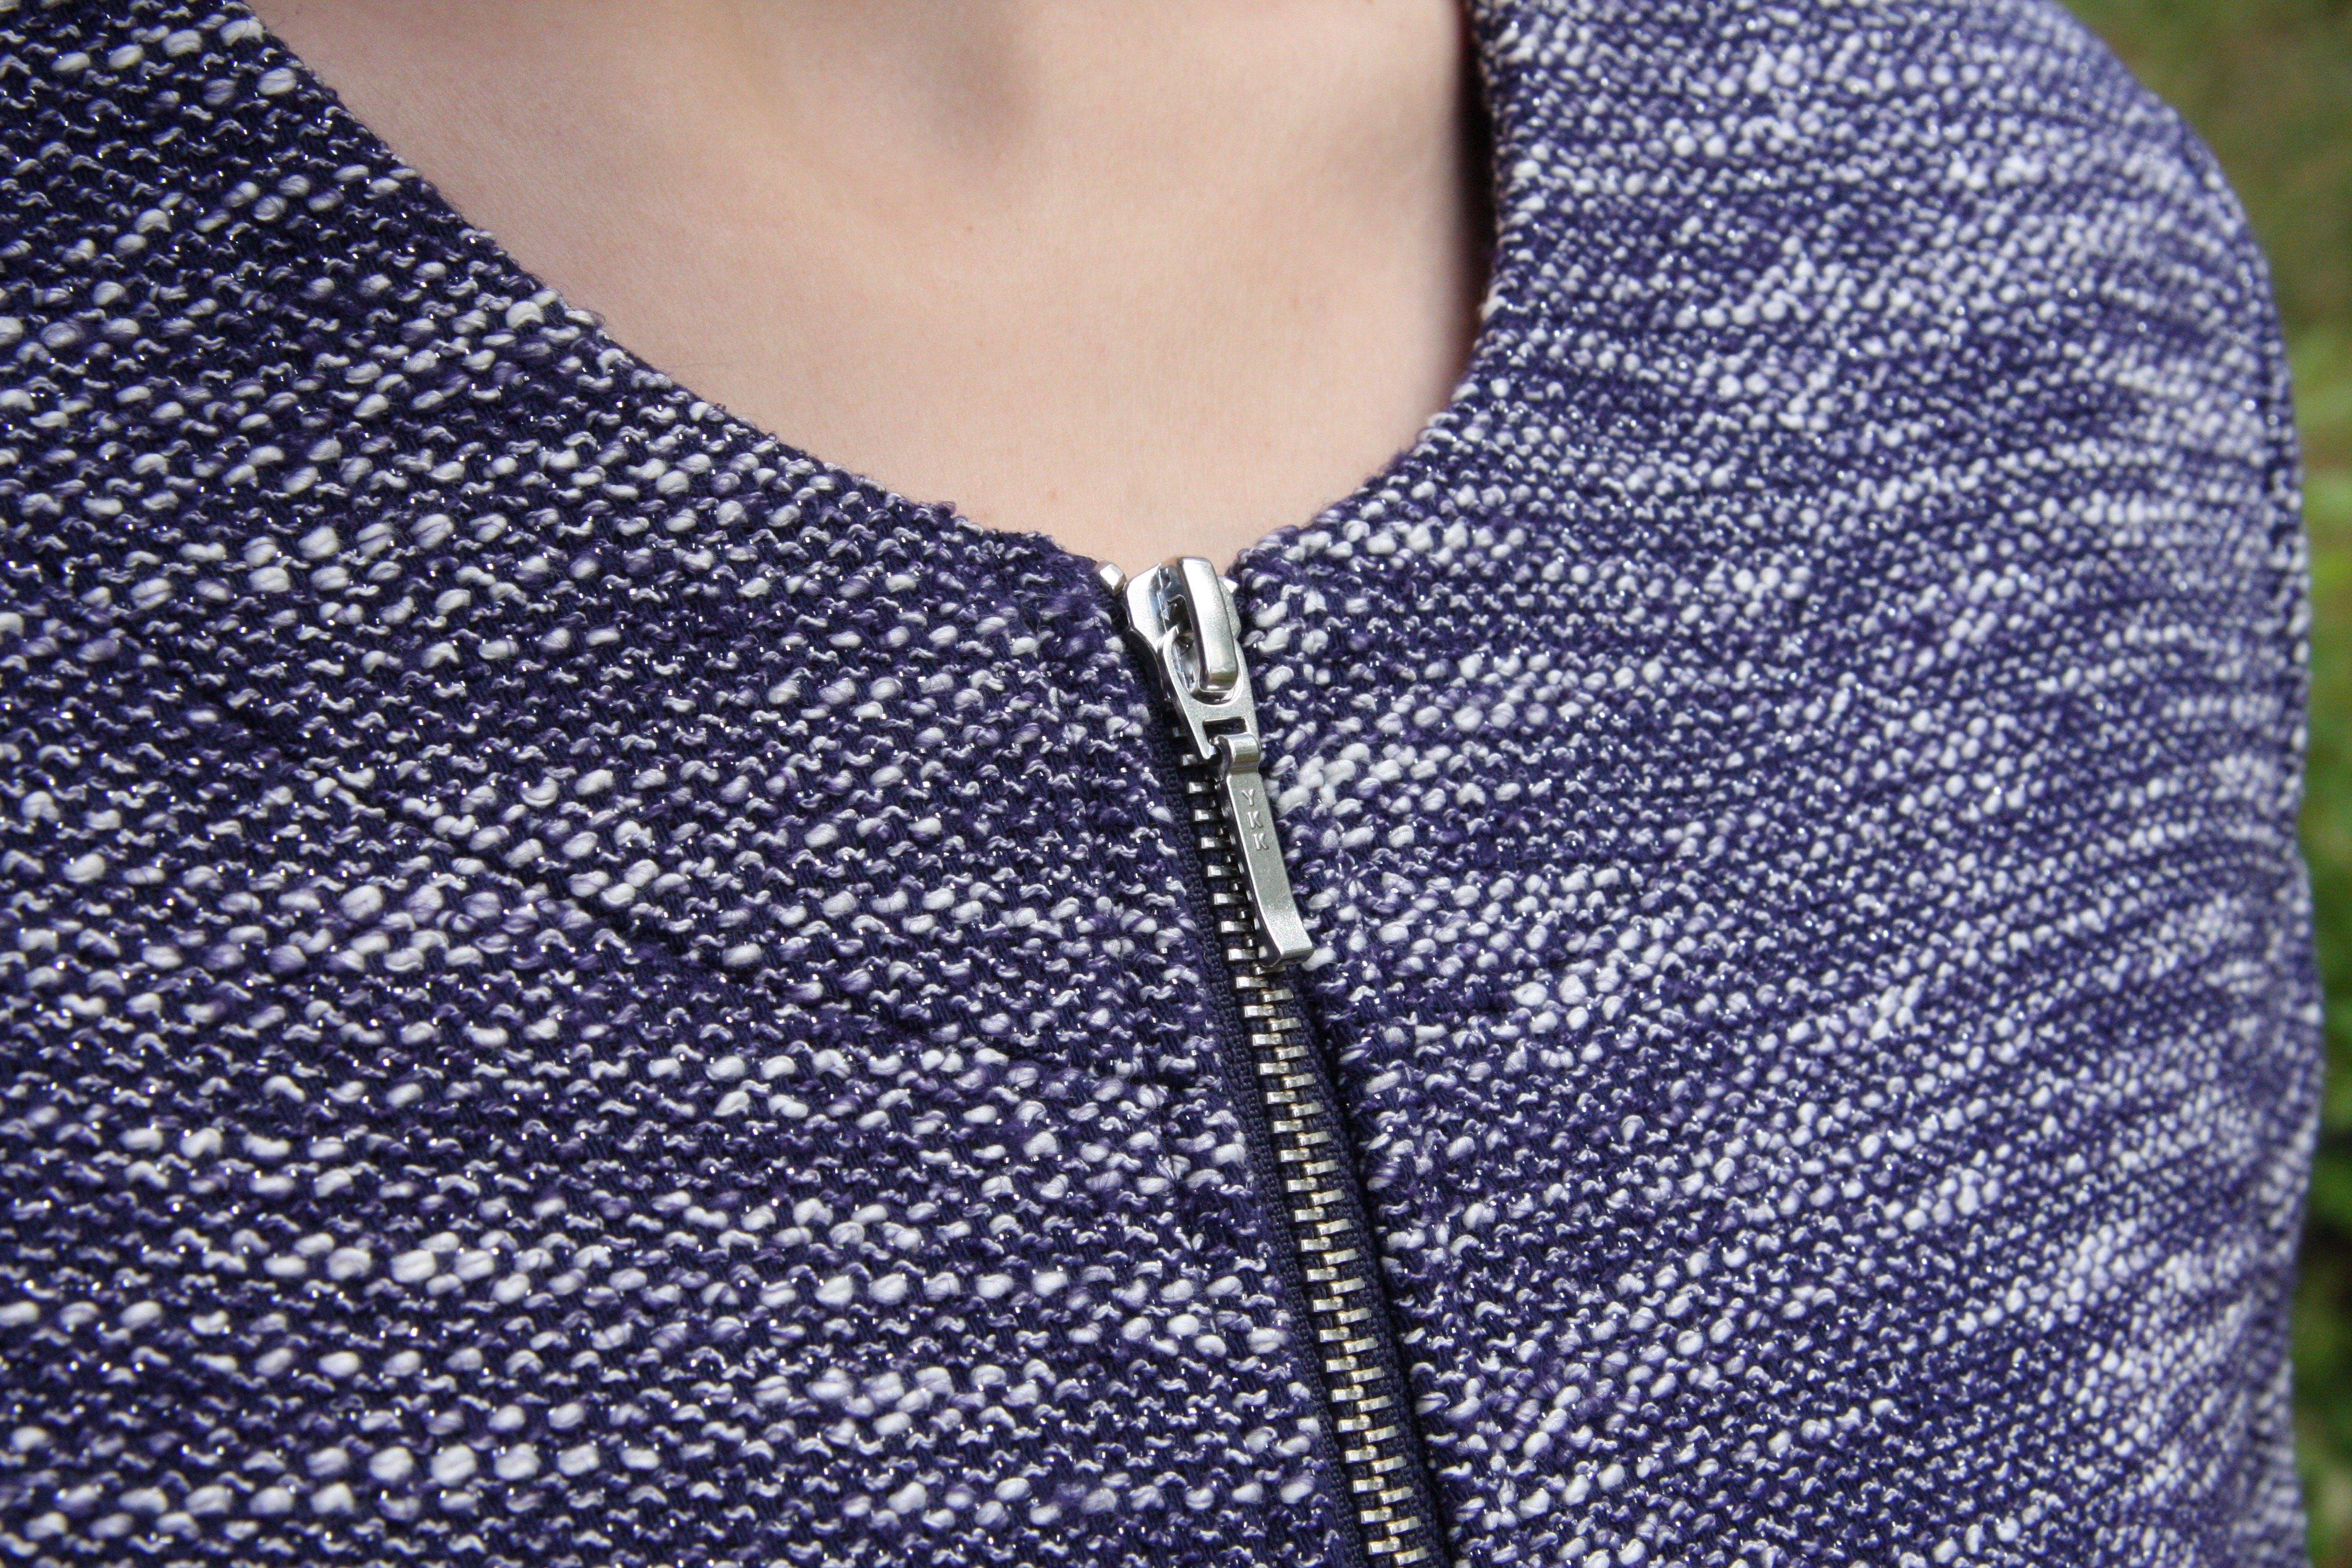 Jacka/kavaj Karin blå med silvertråd. Vackert sydda sömmar som löper runt kragen. Bild på krage.